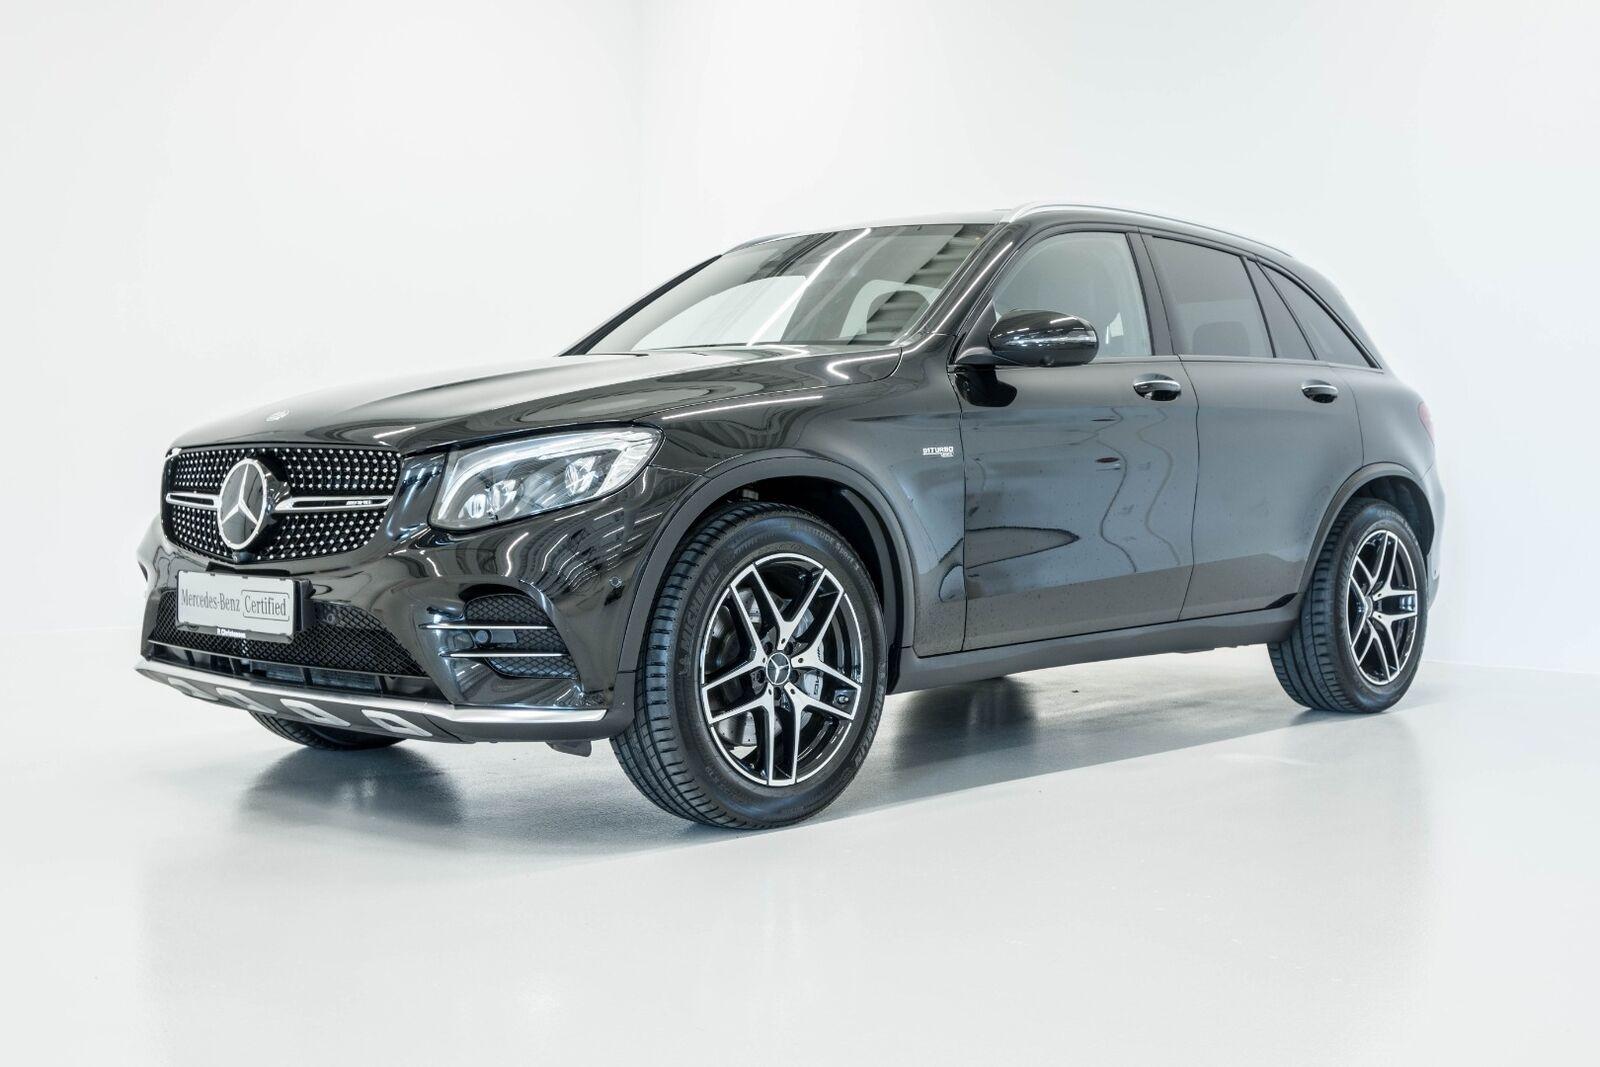 Mercedes GLC43 3,0 AMG aut. 4-M 5d - 4.621 kr.